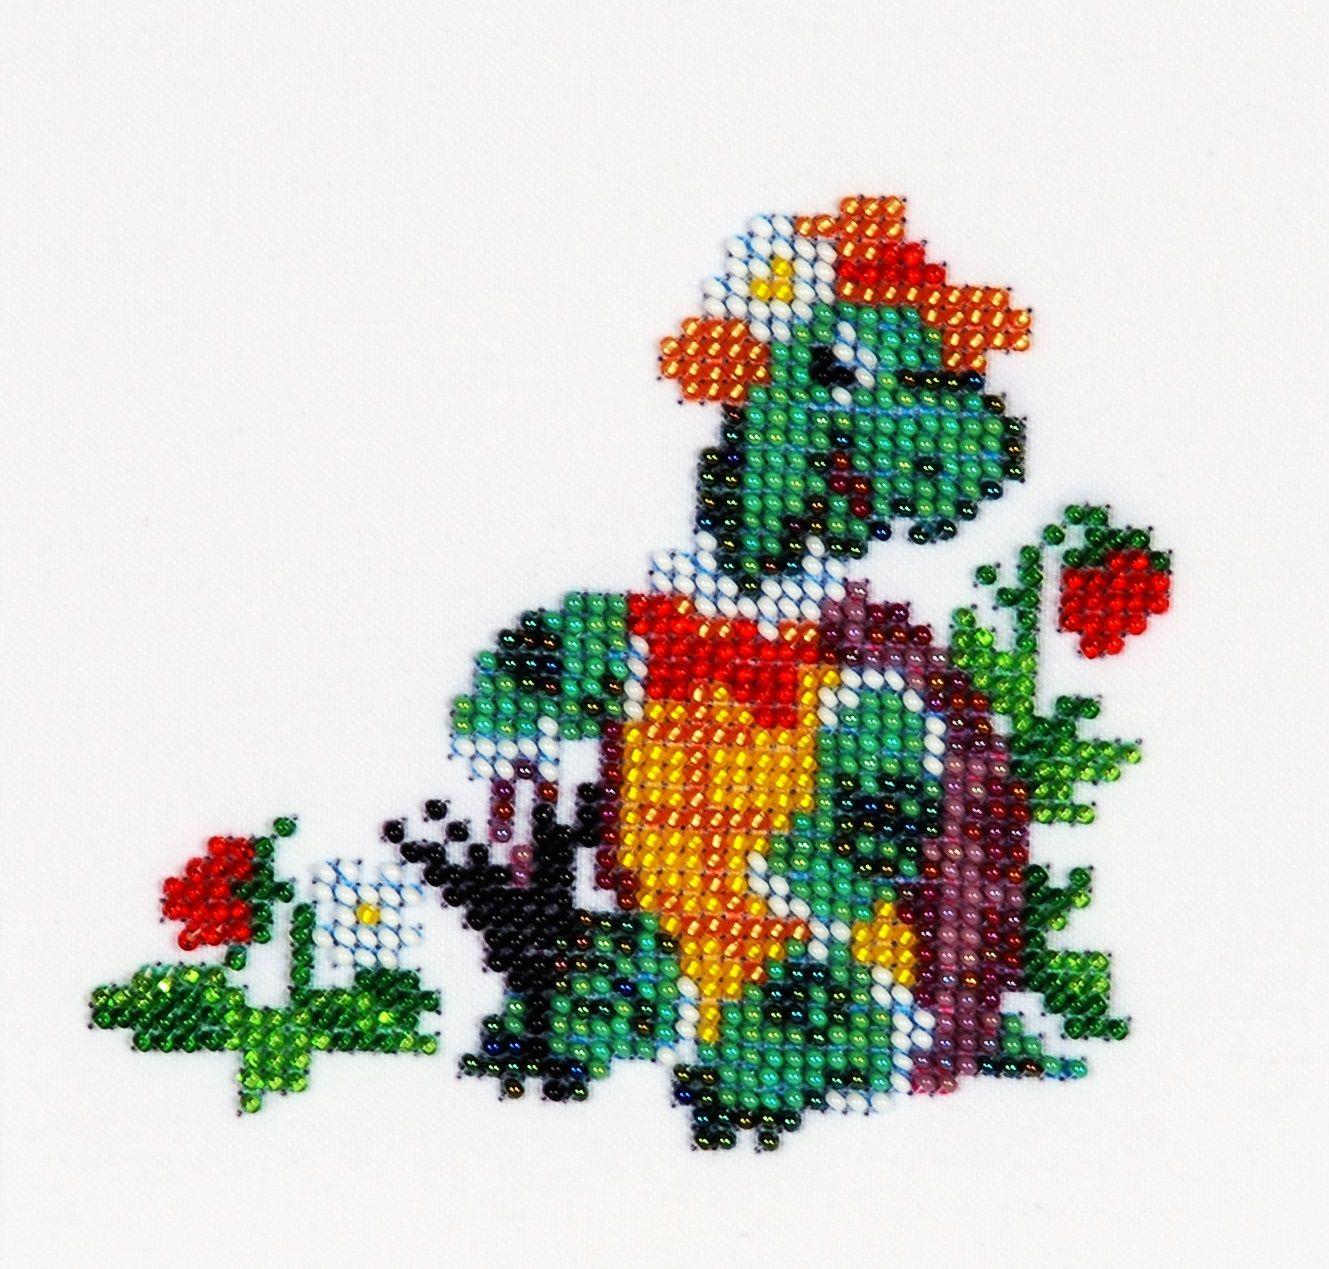 Б-0059 Набор для вышивания бисером 'Бисеринка' 'Черепашка', 10*11 см